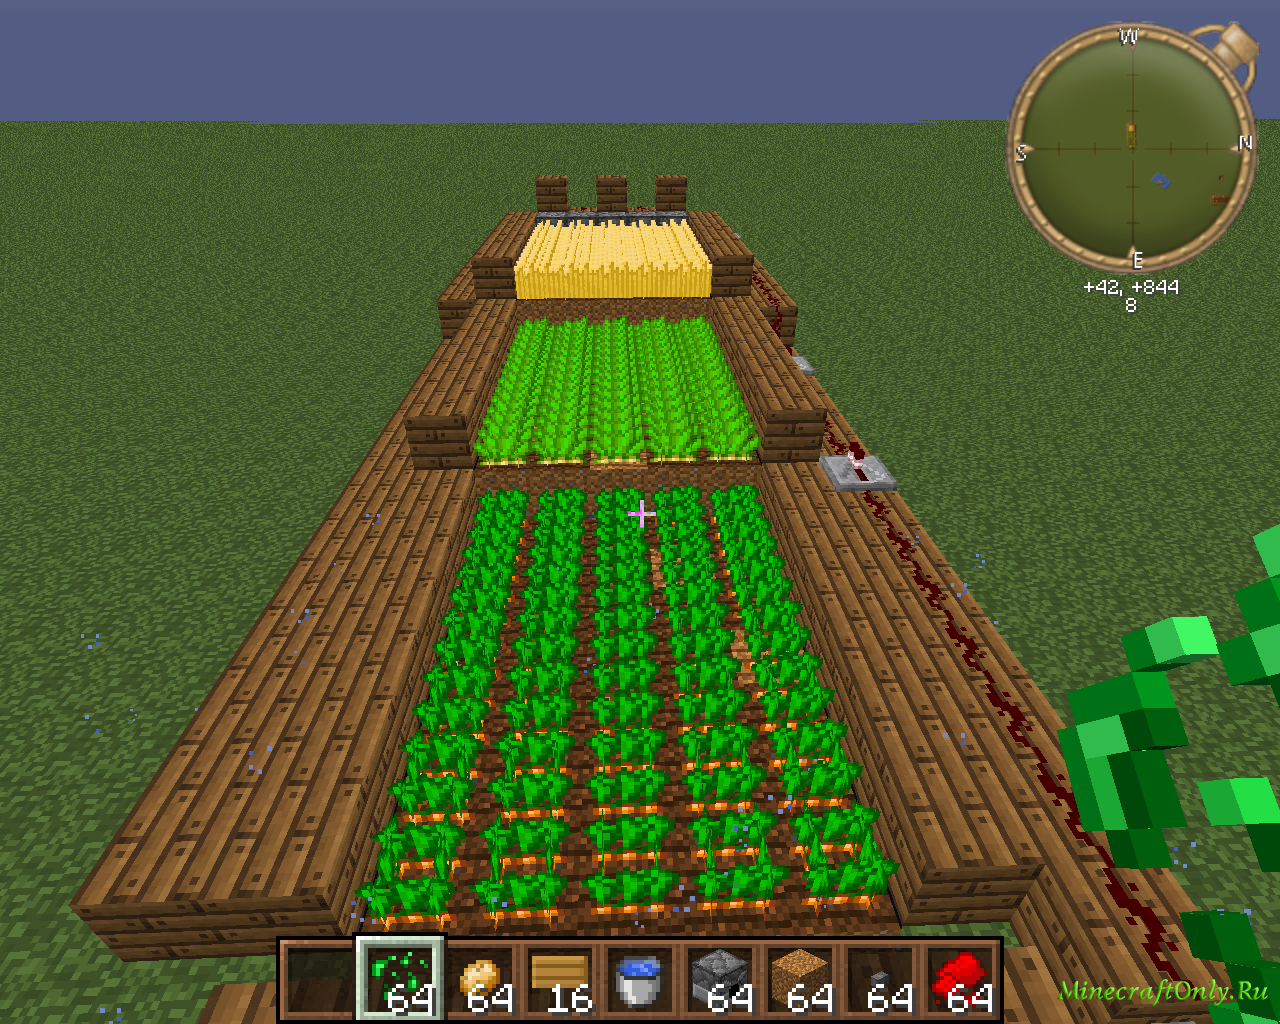 Как в майнкрафт сделать автоматическую ферму